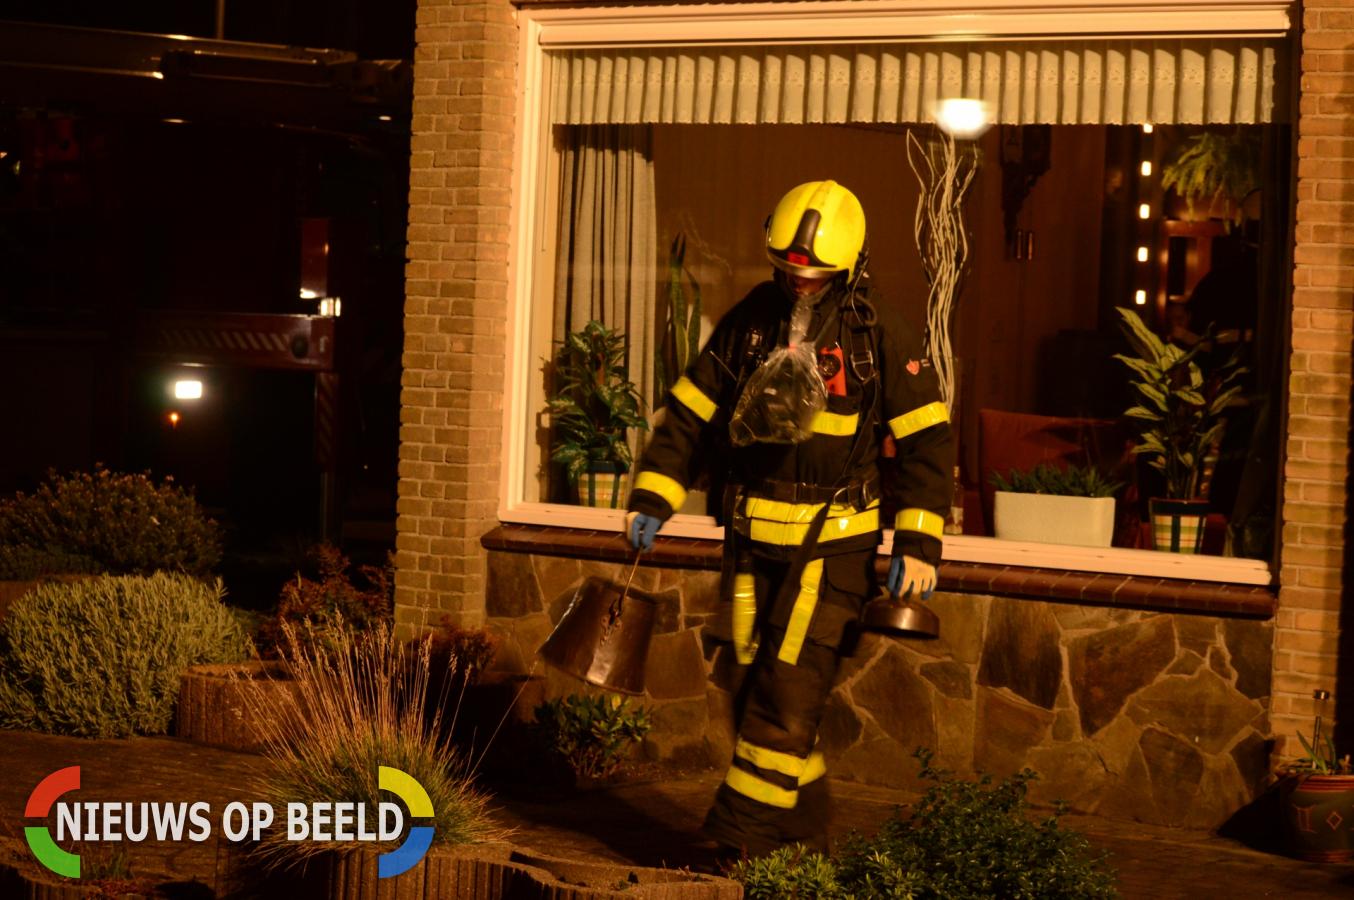 Brandweer rukt uit voor brand in schoorsteen P.C. Hooftstraat Zoetermeer